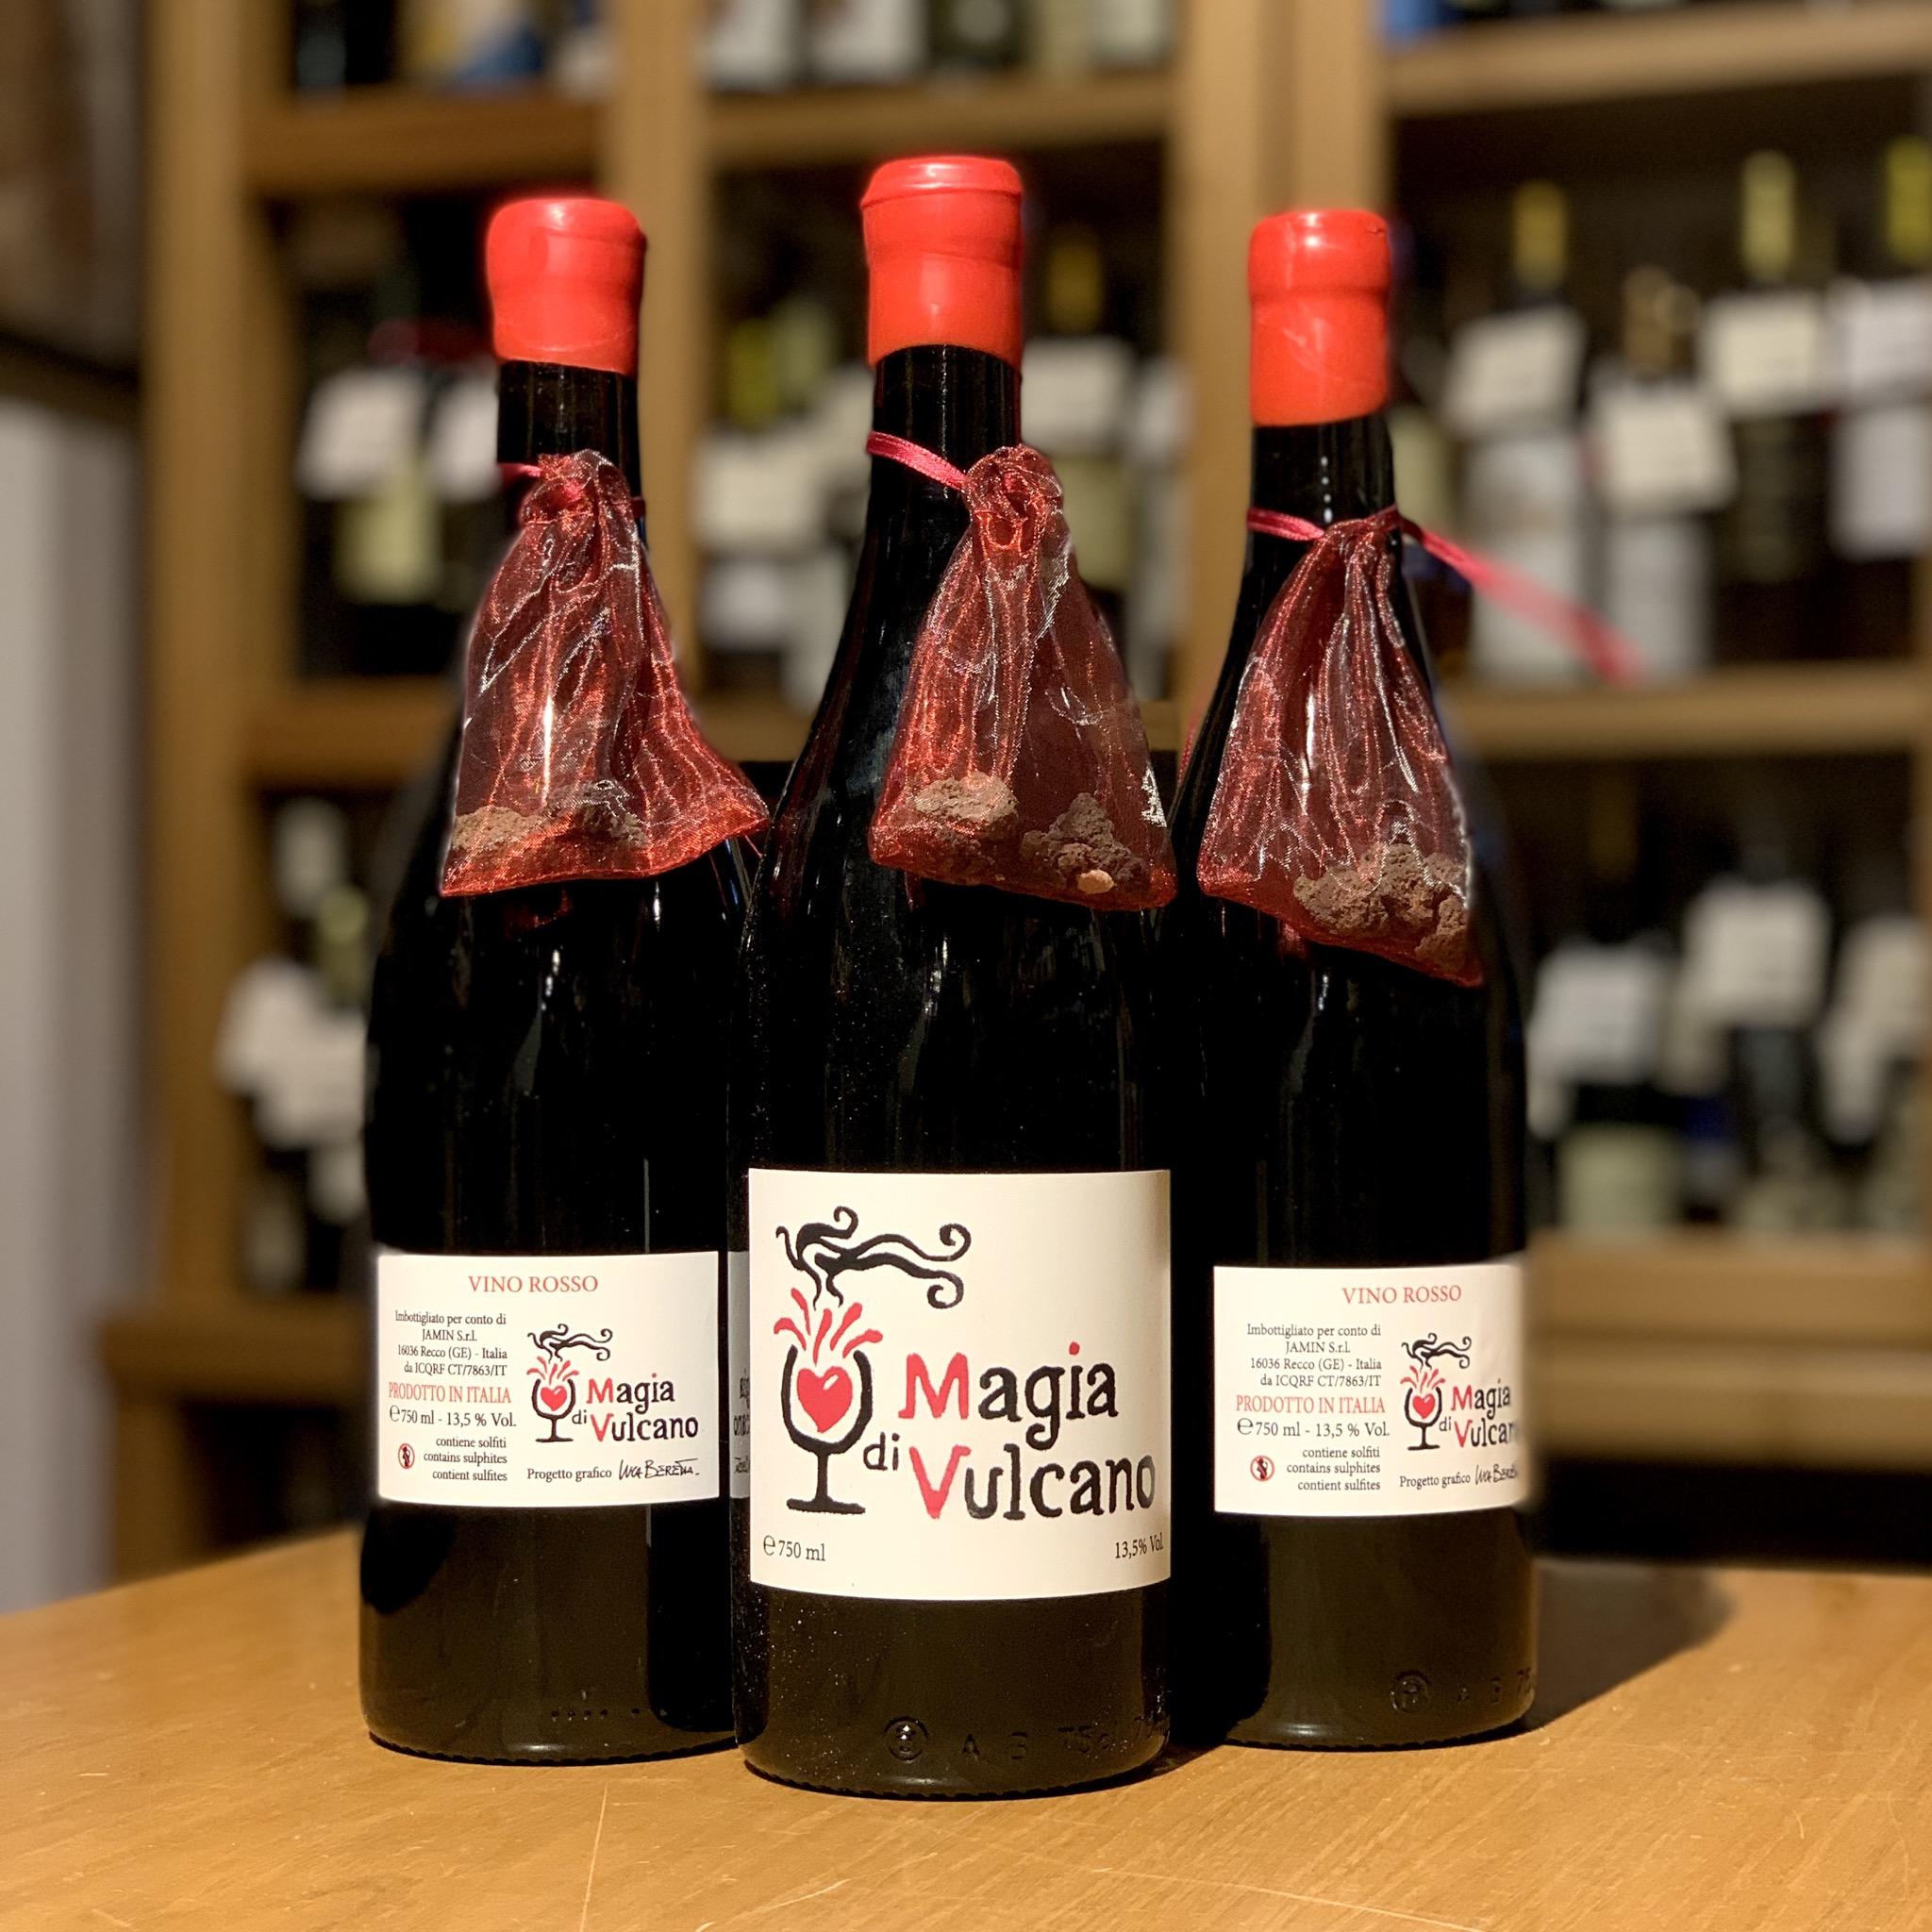 Magia di Vulcano, Vino Rosso da Nerello Mascalese